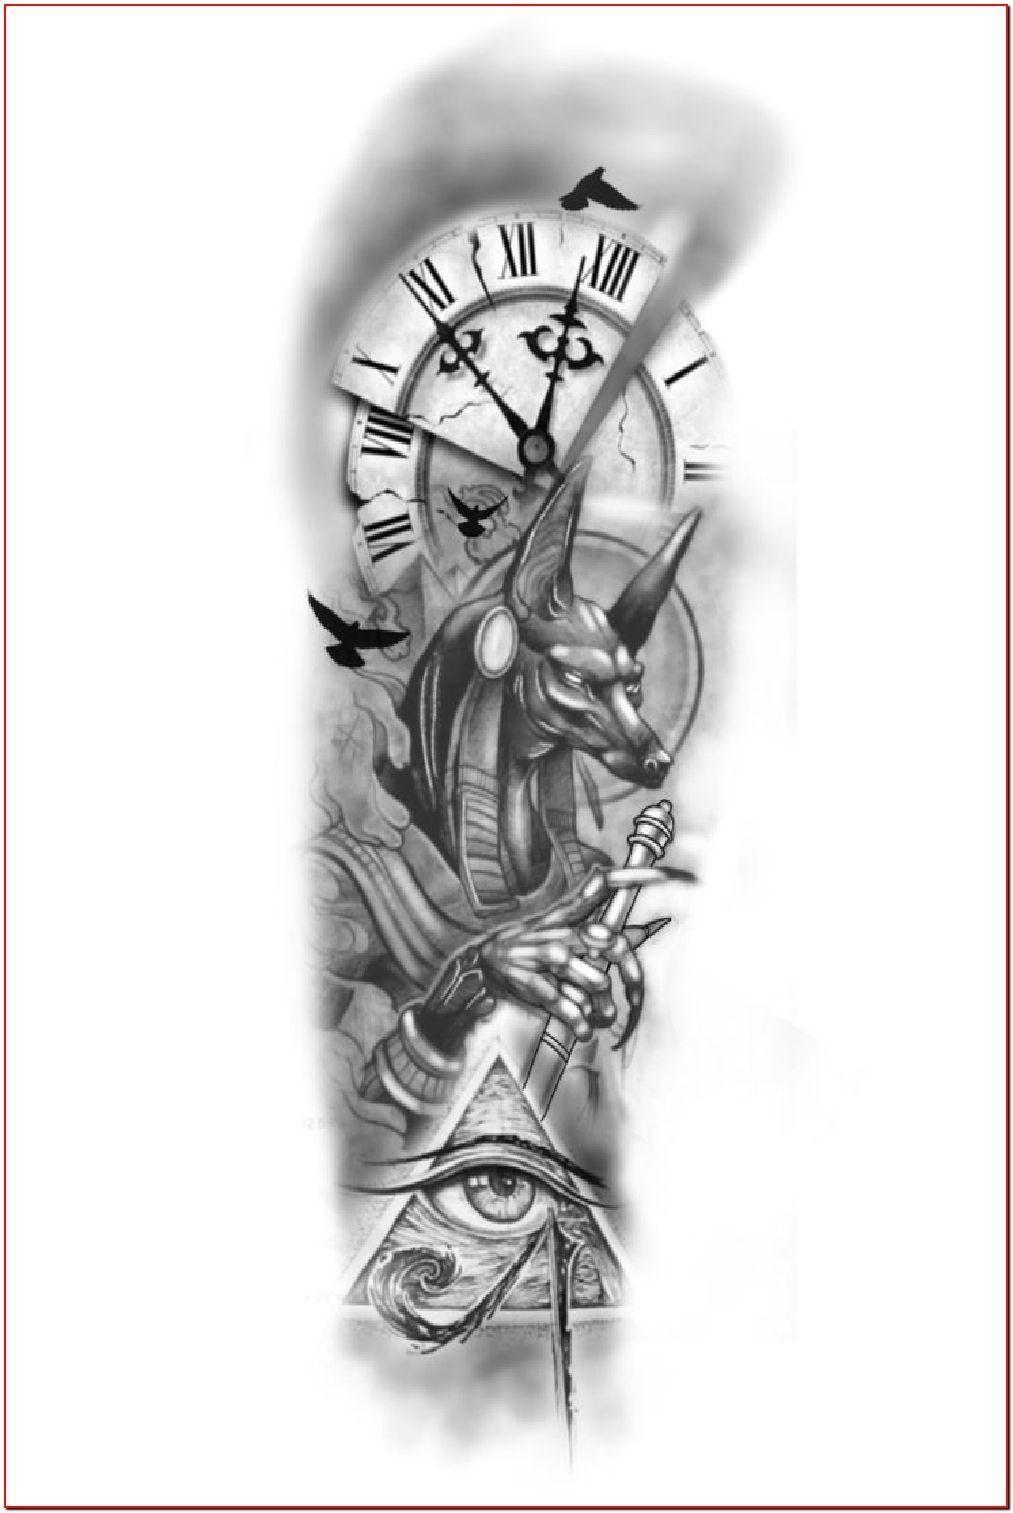 Tattoo Ideas For Men Arm 17 Tattoo Tattoo Ideas For Men Arm 17 Tattoo Arm Ide In 2020 Egyptian Tattoo Sleeve Sleeve Tattoos For Women Tattoo Sleeve Designs